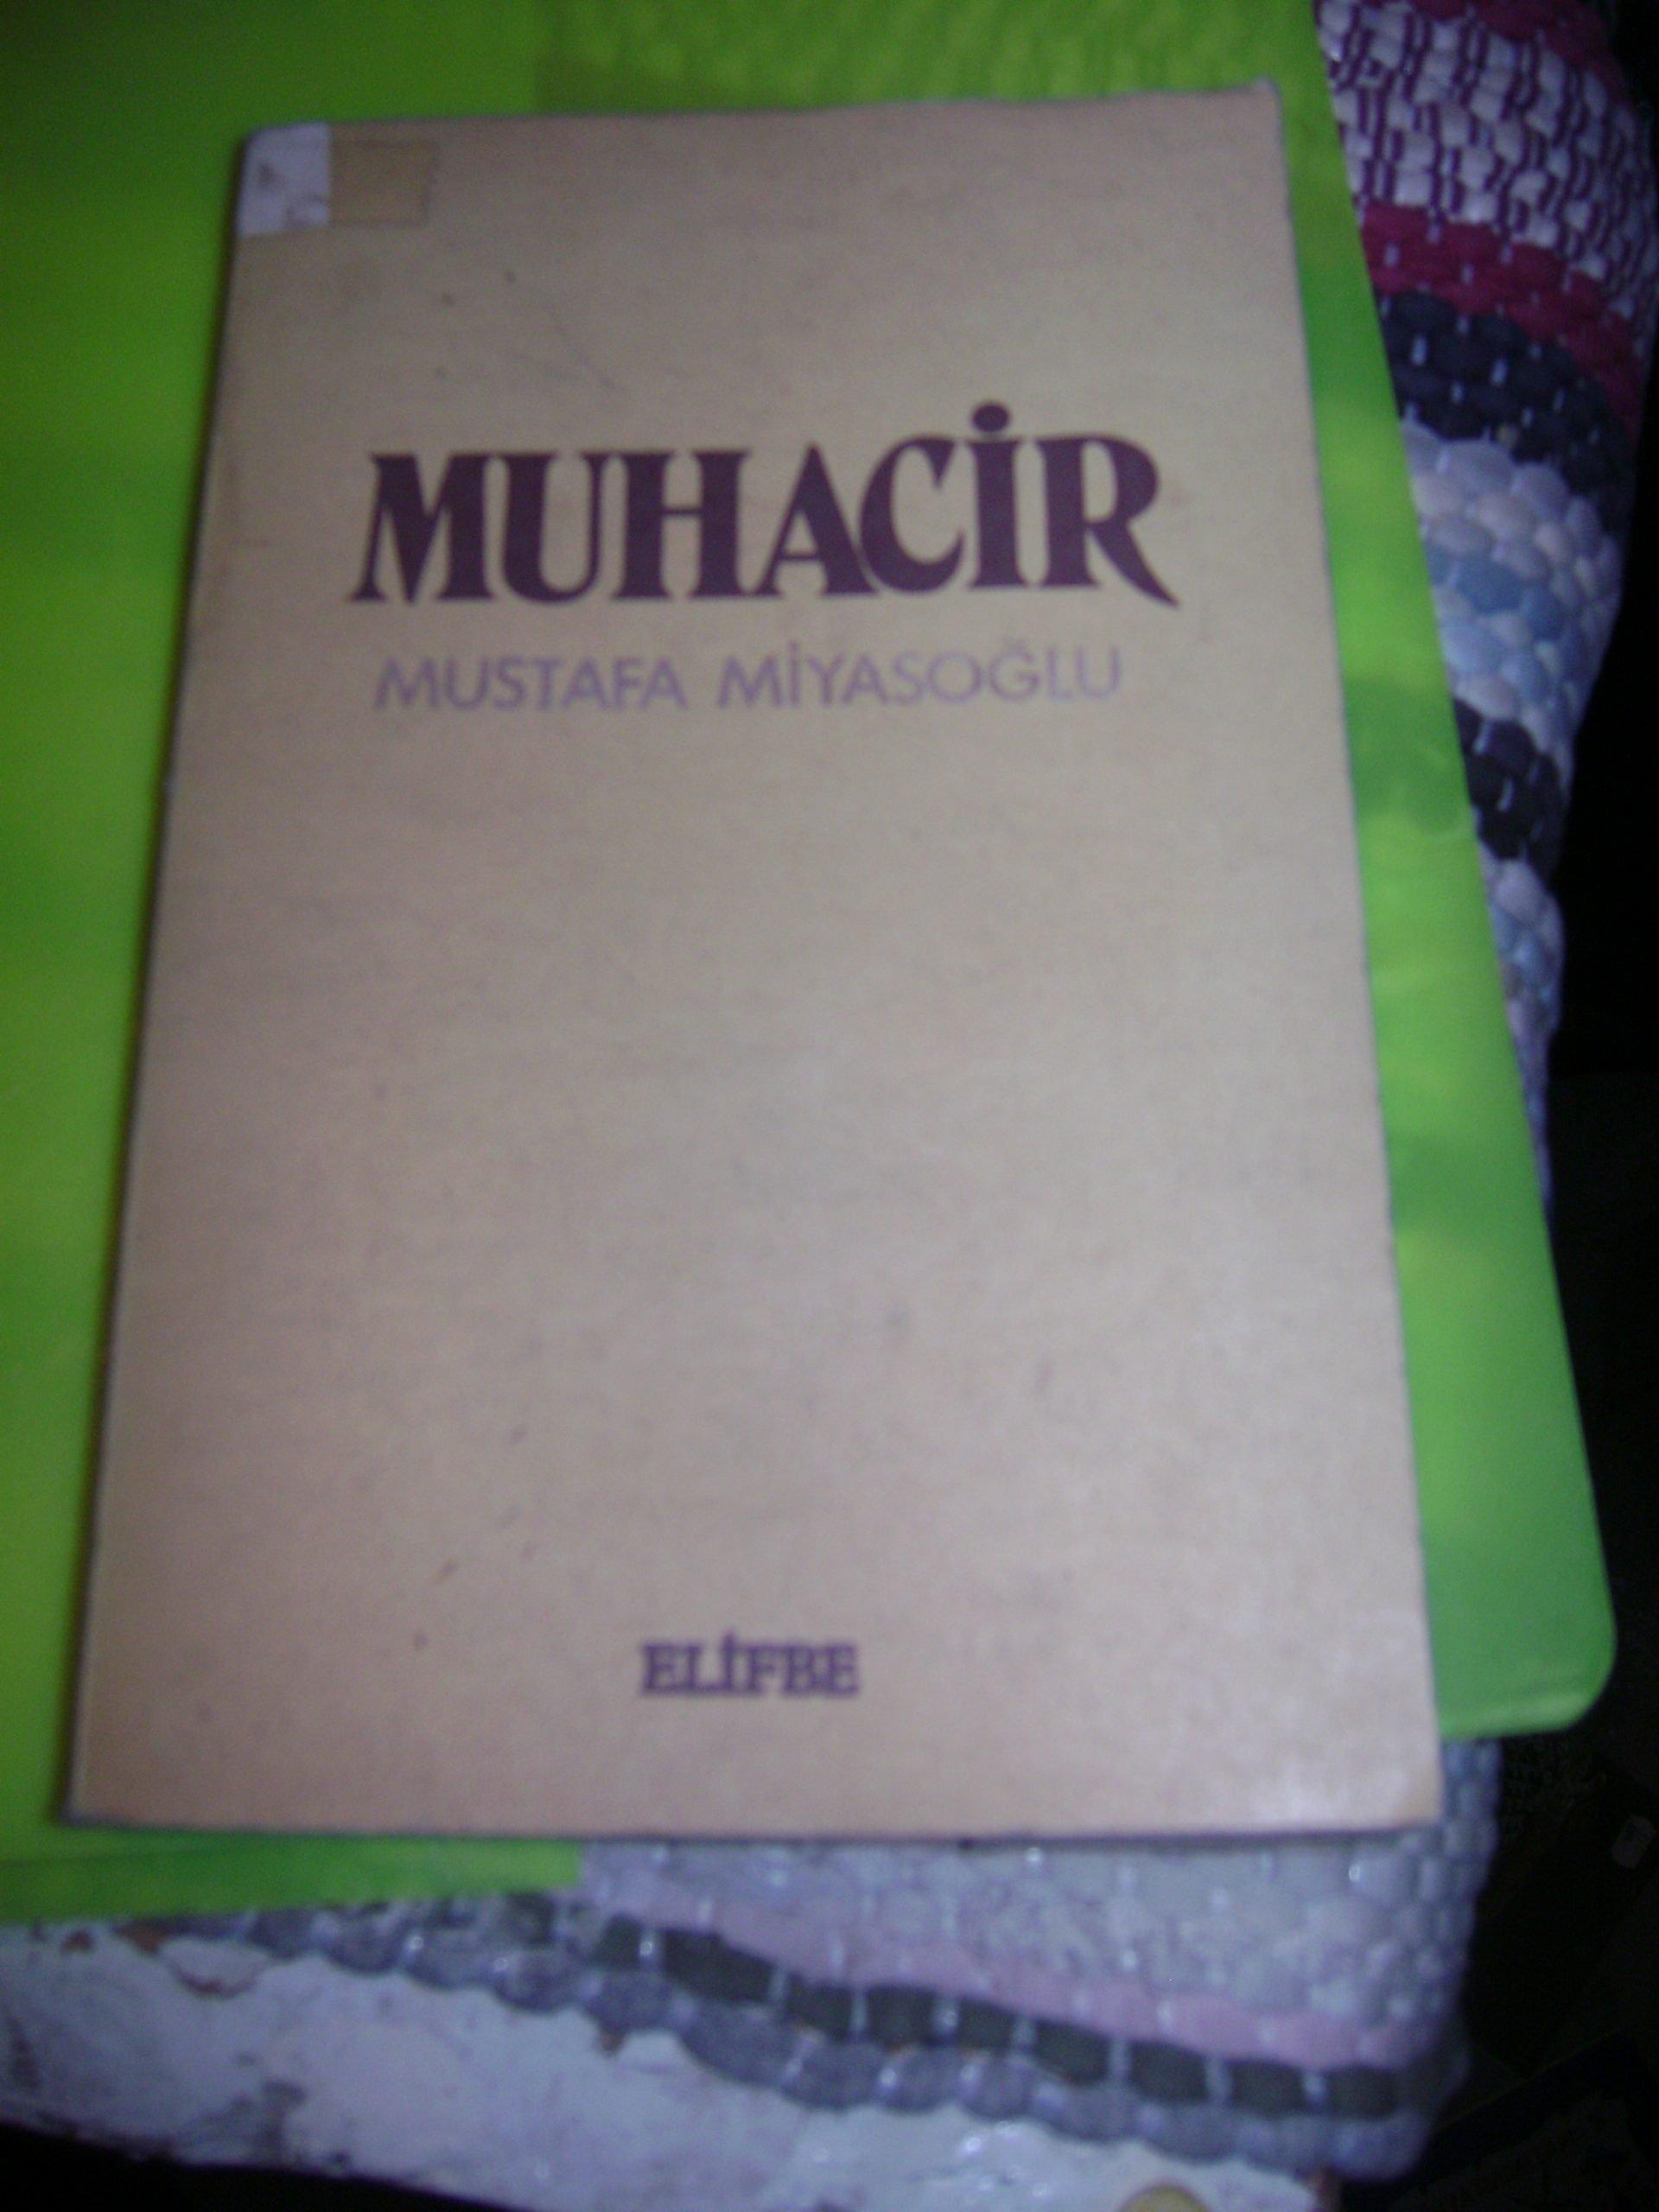 MUHACİR/Mustafa MİYASOĞLU/20 tl